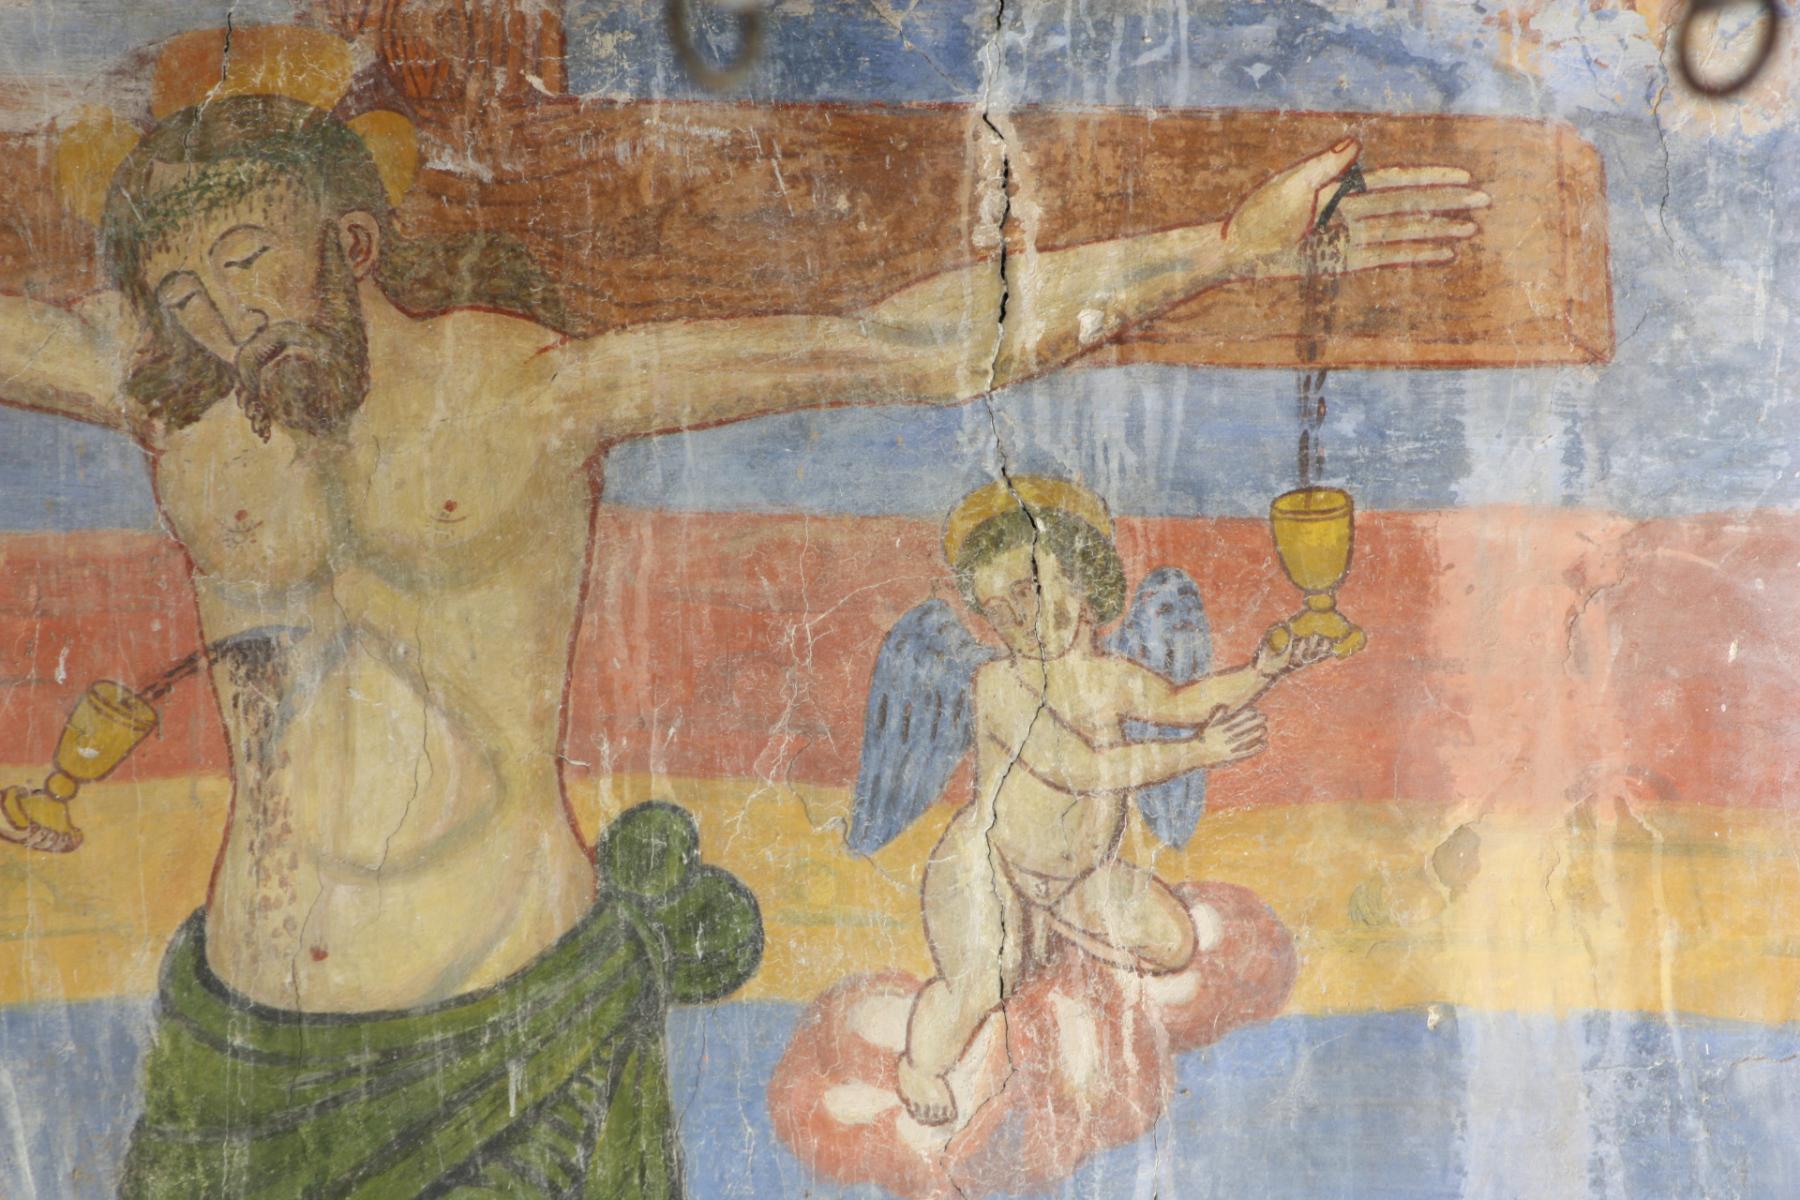 Chiesa di San Sebastiano - crocifissione, particolare - Castel San Felice